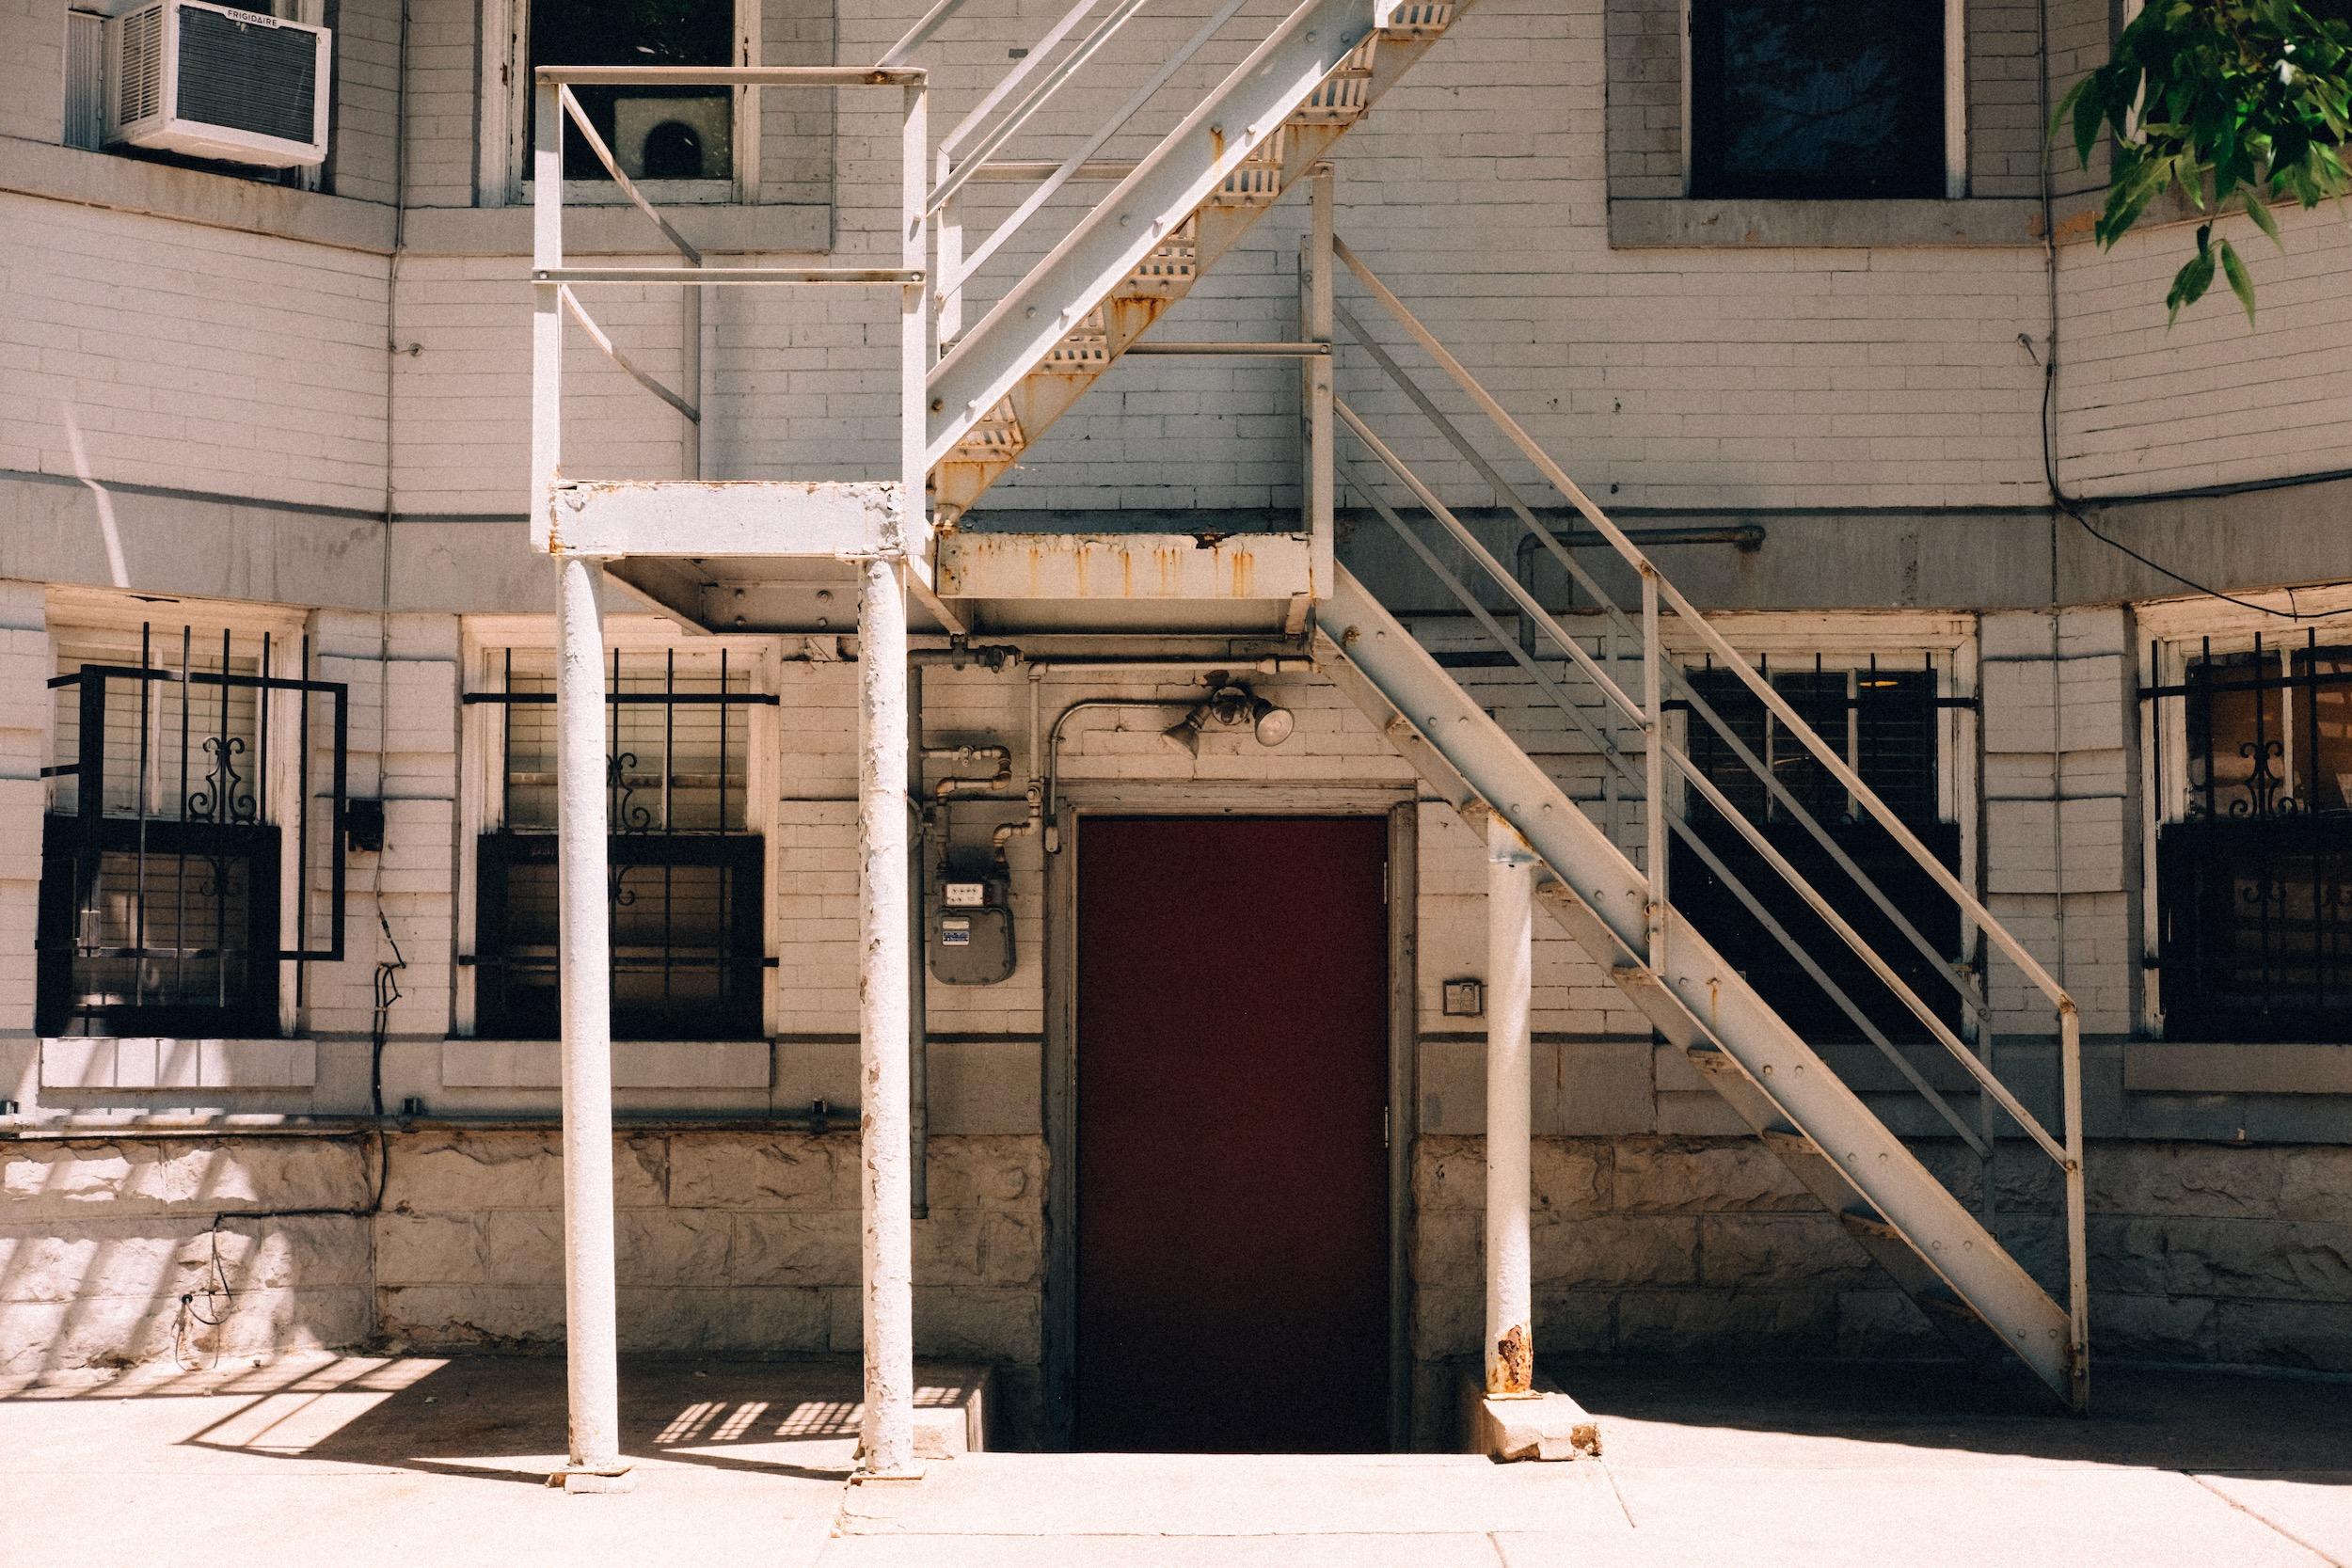 Denver Cap Hill Street Photography - 6.jpeg